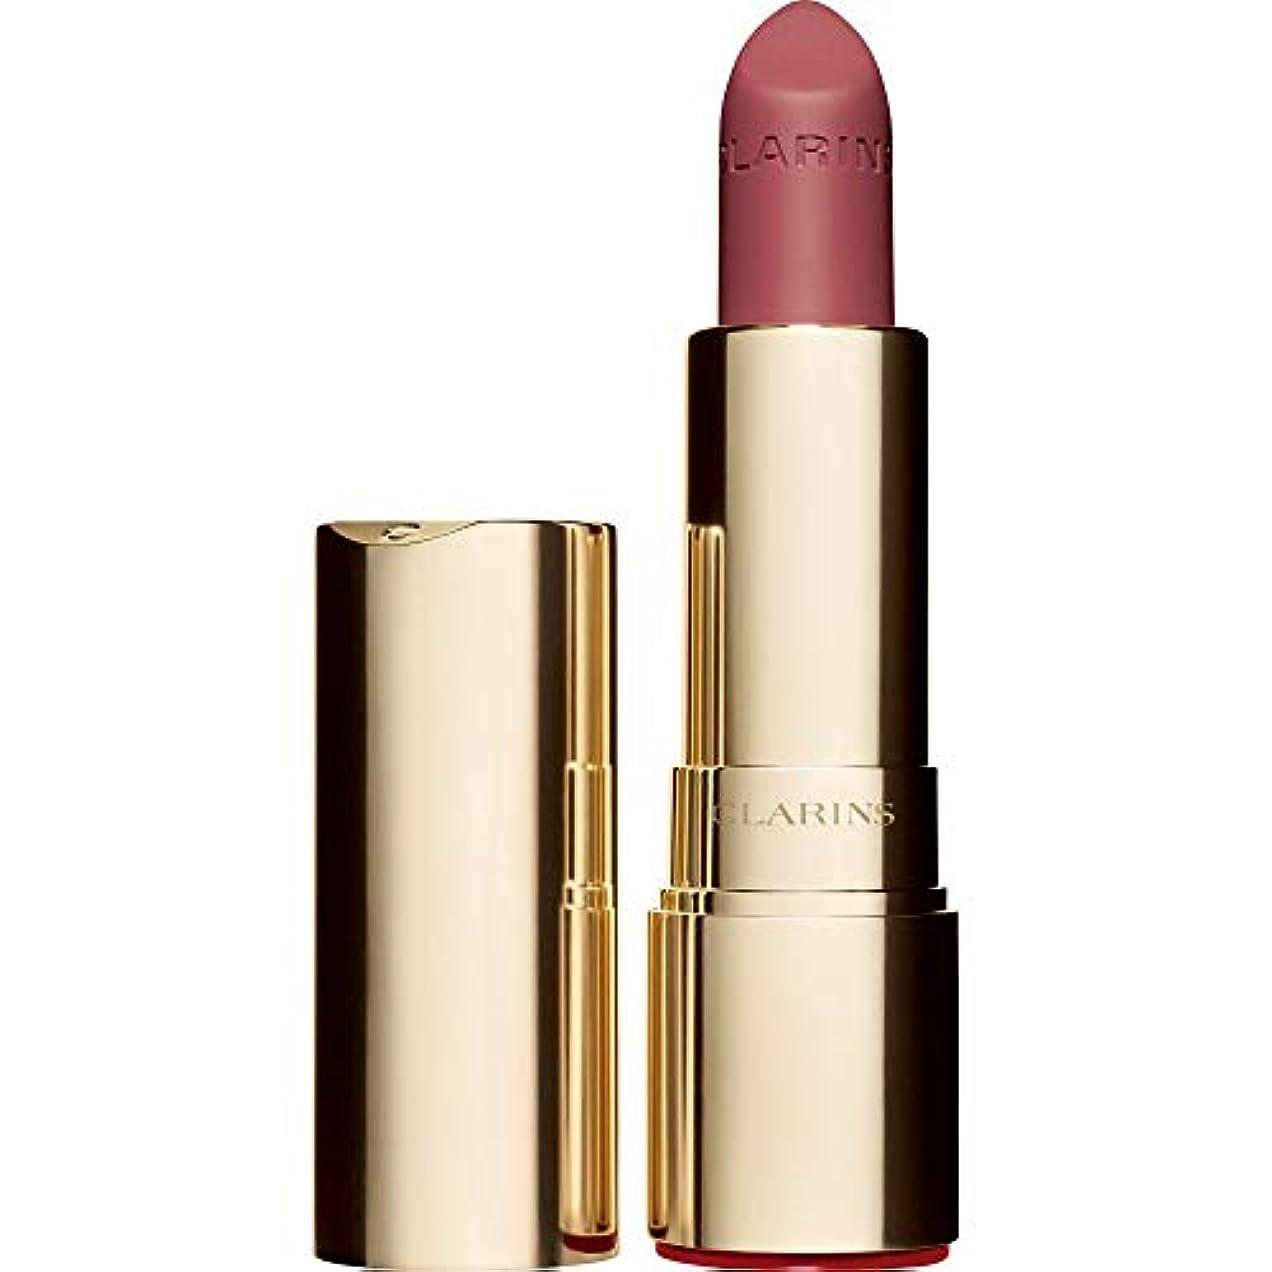 怒り高めるスポーツ[Clarins ] クラランスジョリルージュのベルベットの口紅3.5グラムの752V - ローズウッド - Clarins Joli Rouge Velvet Lipstick 3.5g 752V - Rosewood...